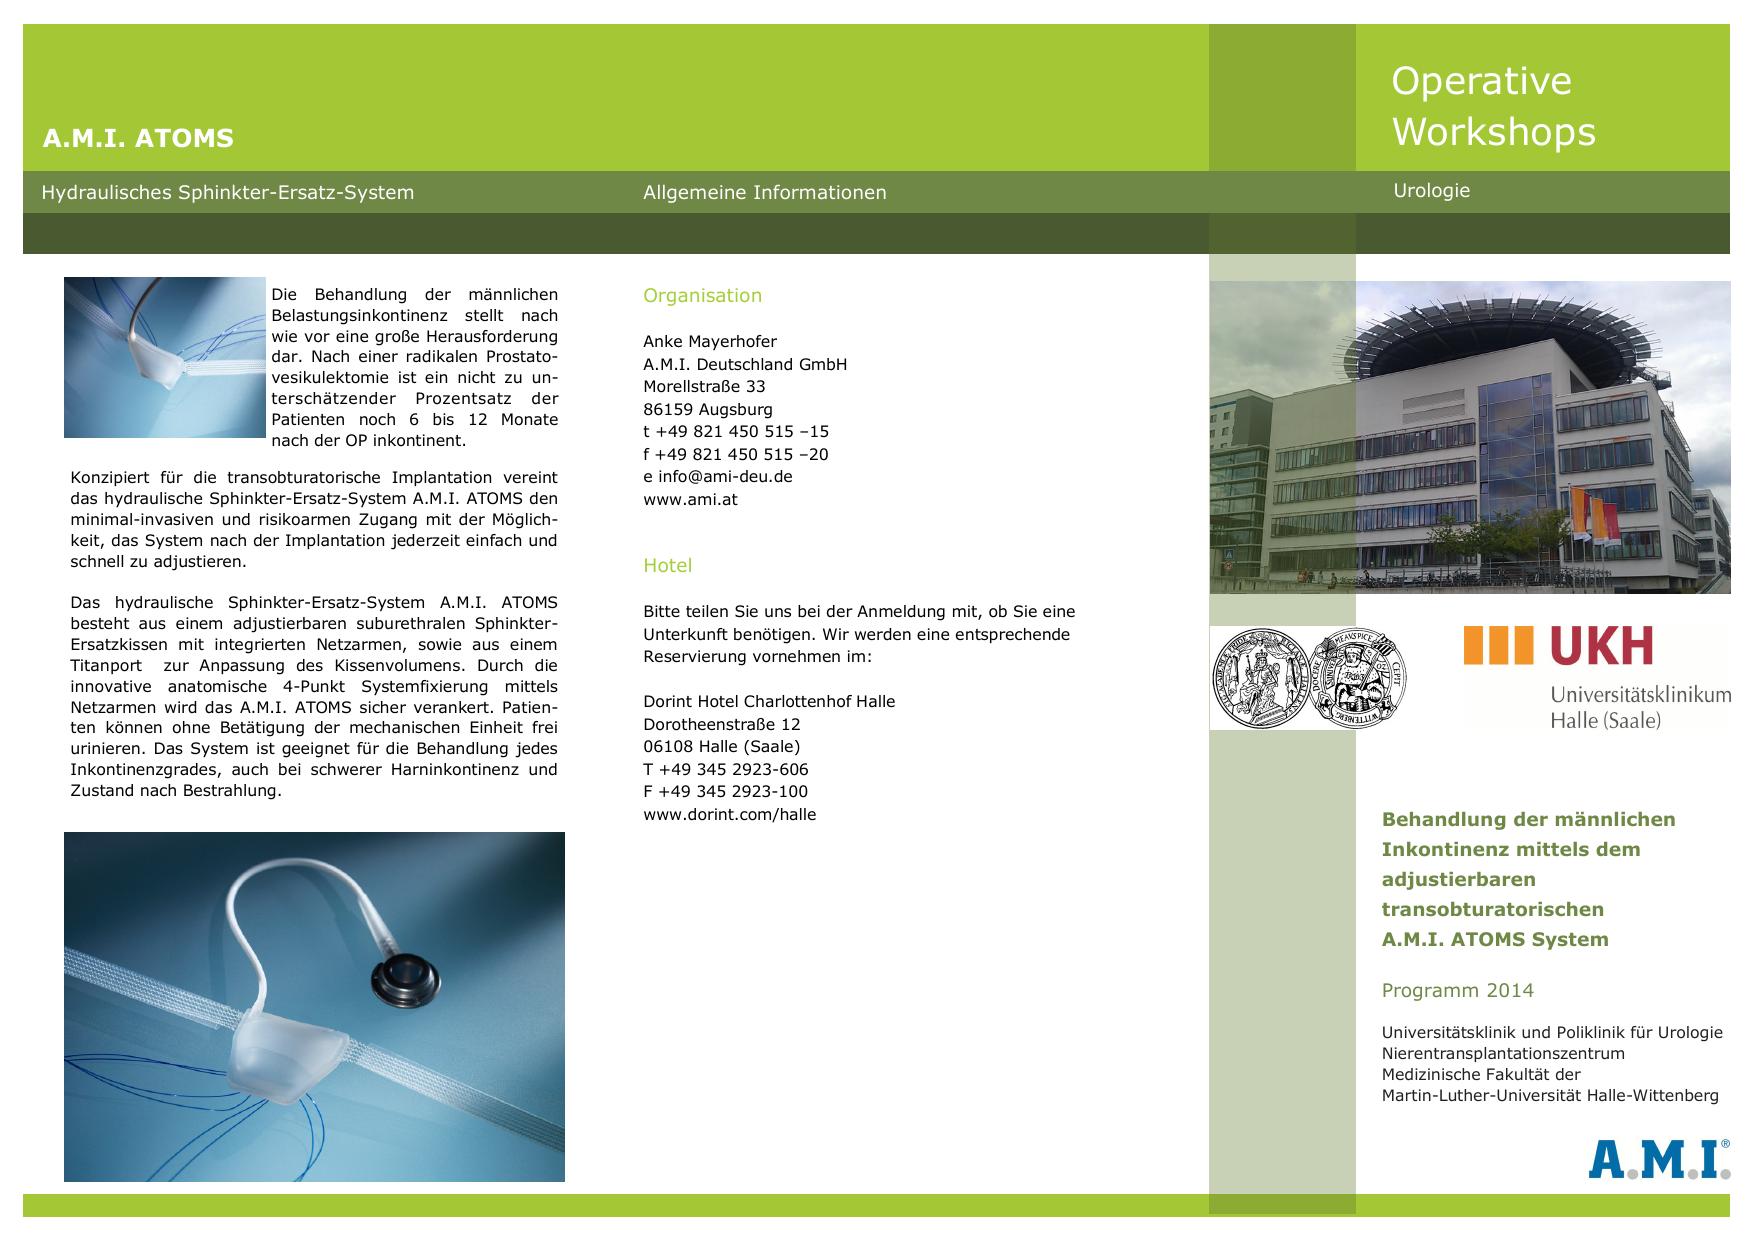 Operative Workshops Universitatsklinikum Halle Saale